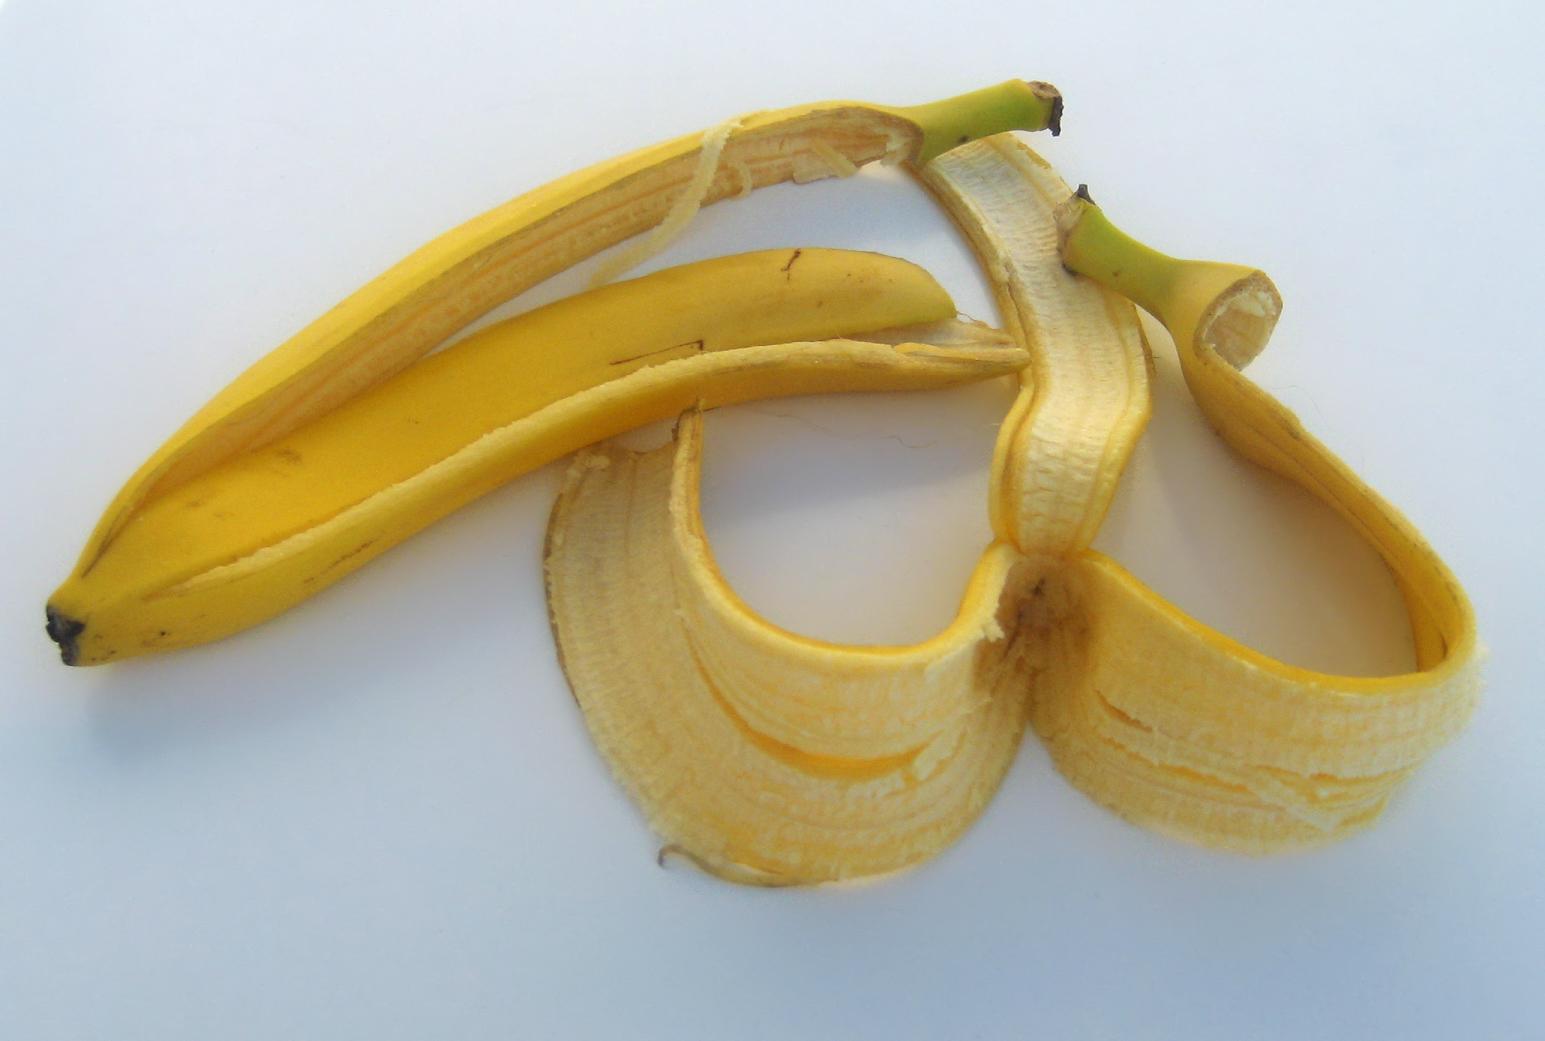 Banane-A-05 cropped.jpg